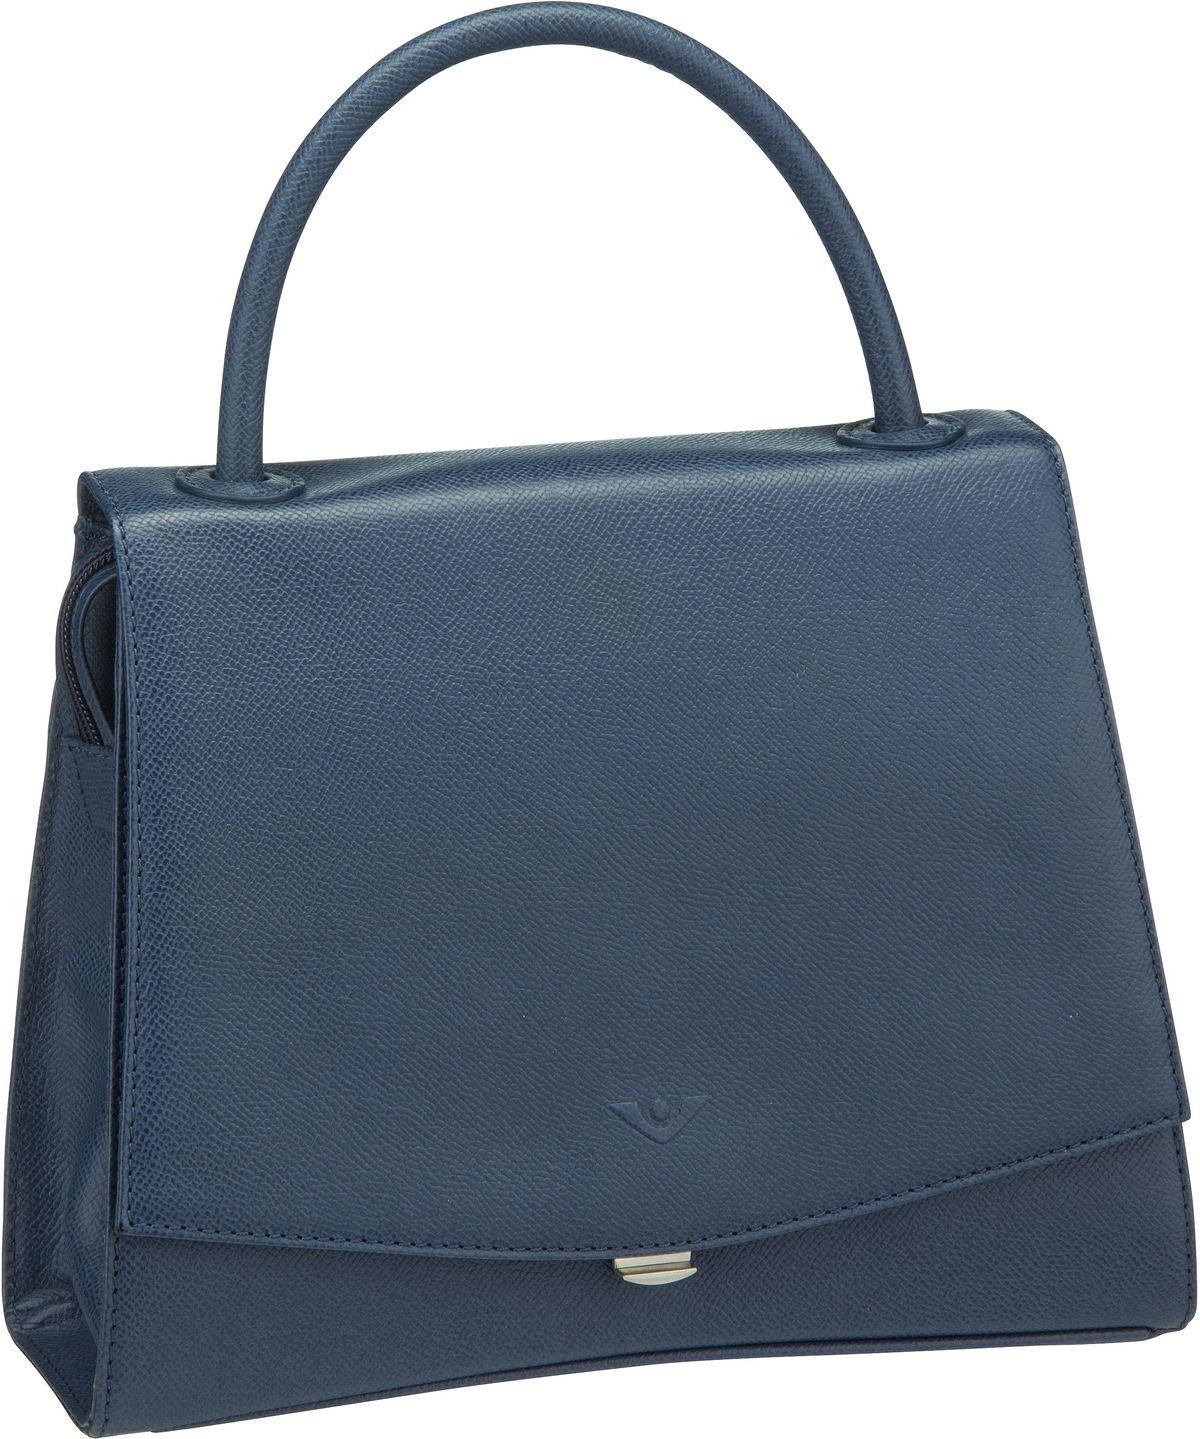 Voi Handtasche Classico 30602 Kurzgrifftasche Blau